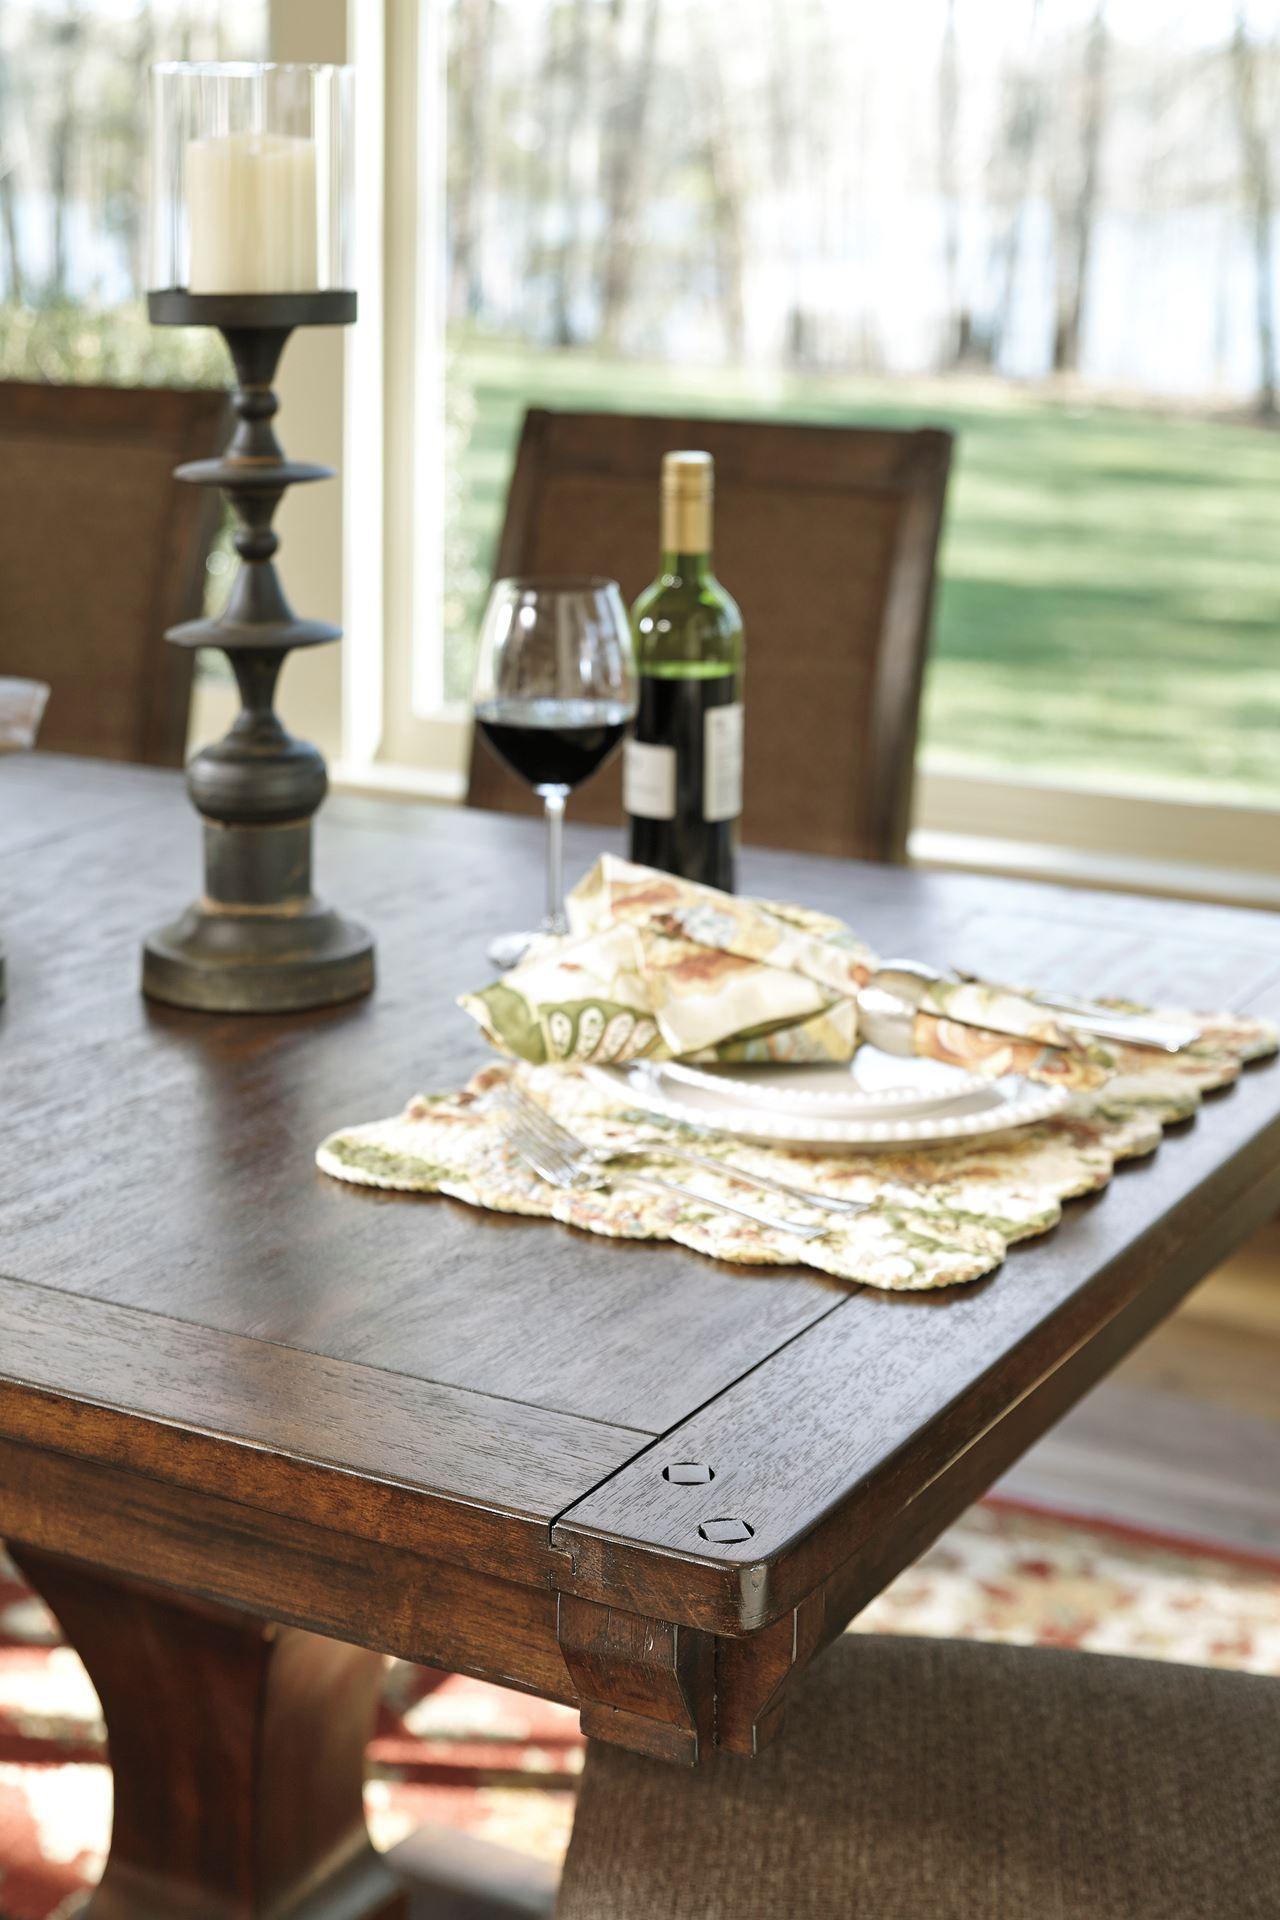 Windville Dining Room Set Off 53, Windville Dining Room Set